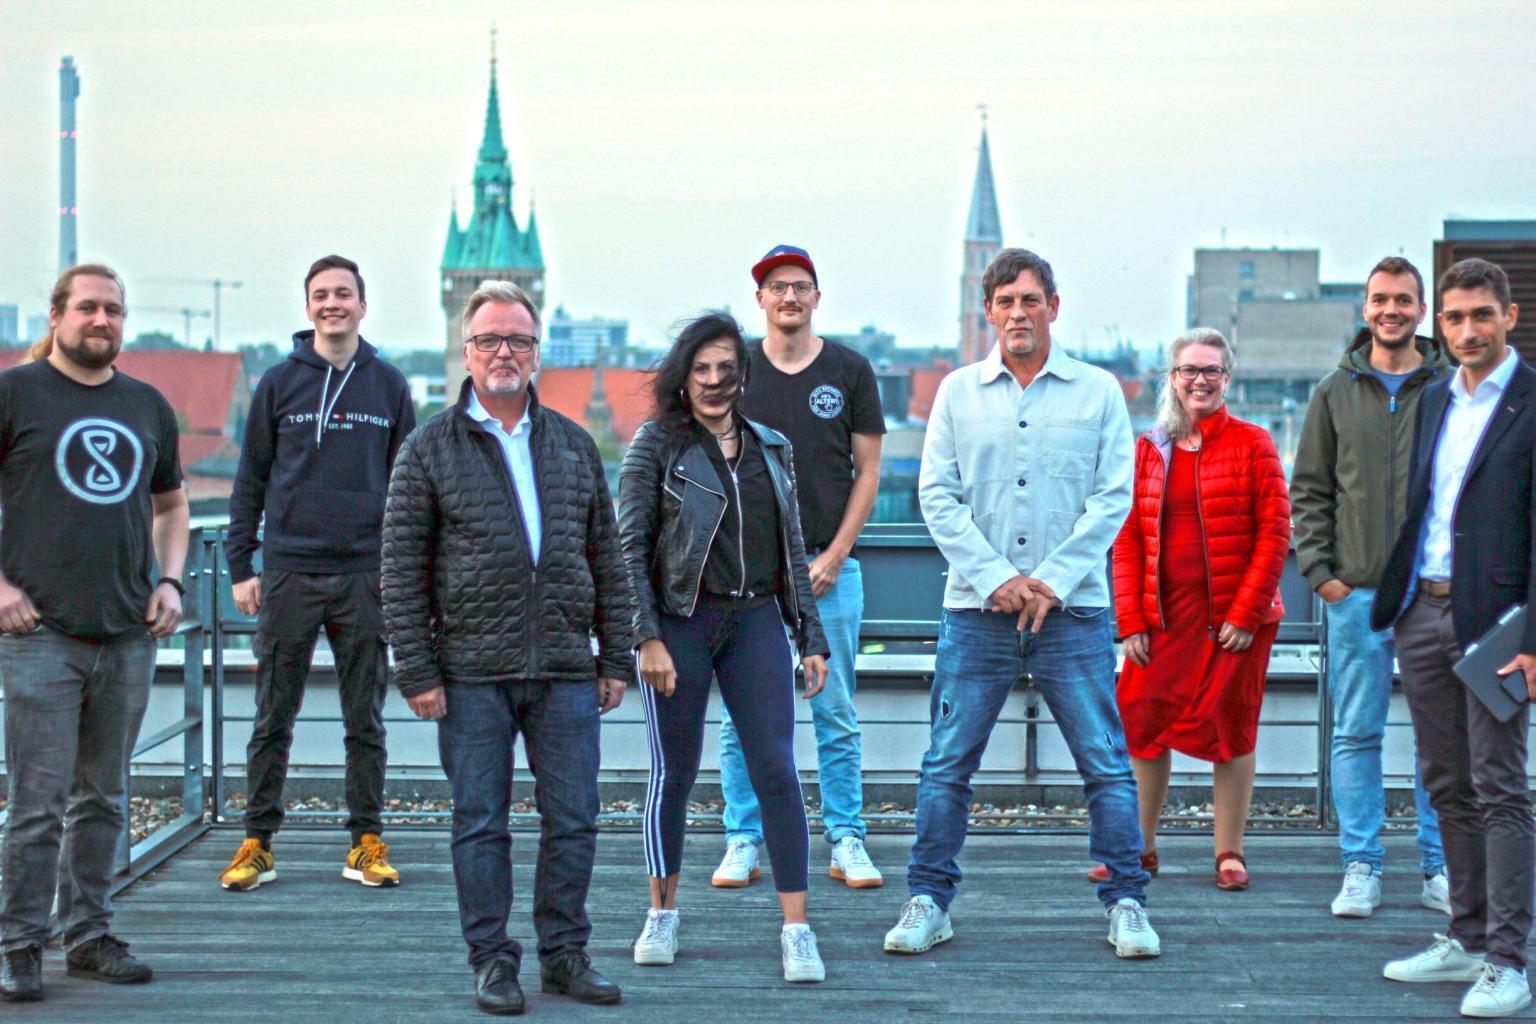 Die Gründungsmitglieder des Vereins Hey Alter in Braunschweig, in der Mitte Inga Stang, Moritz Tetzlaff und Martin Bretschneider